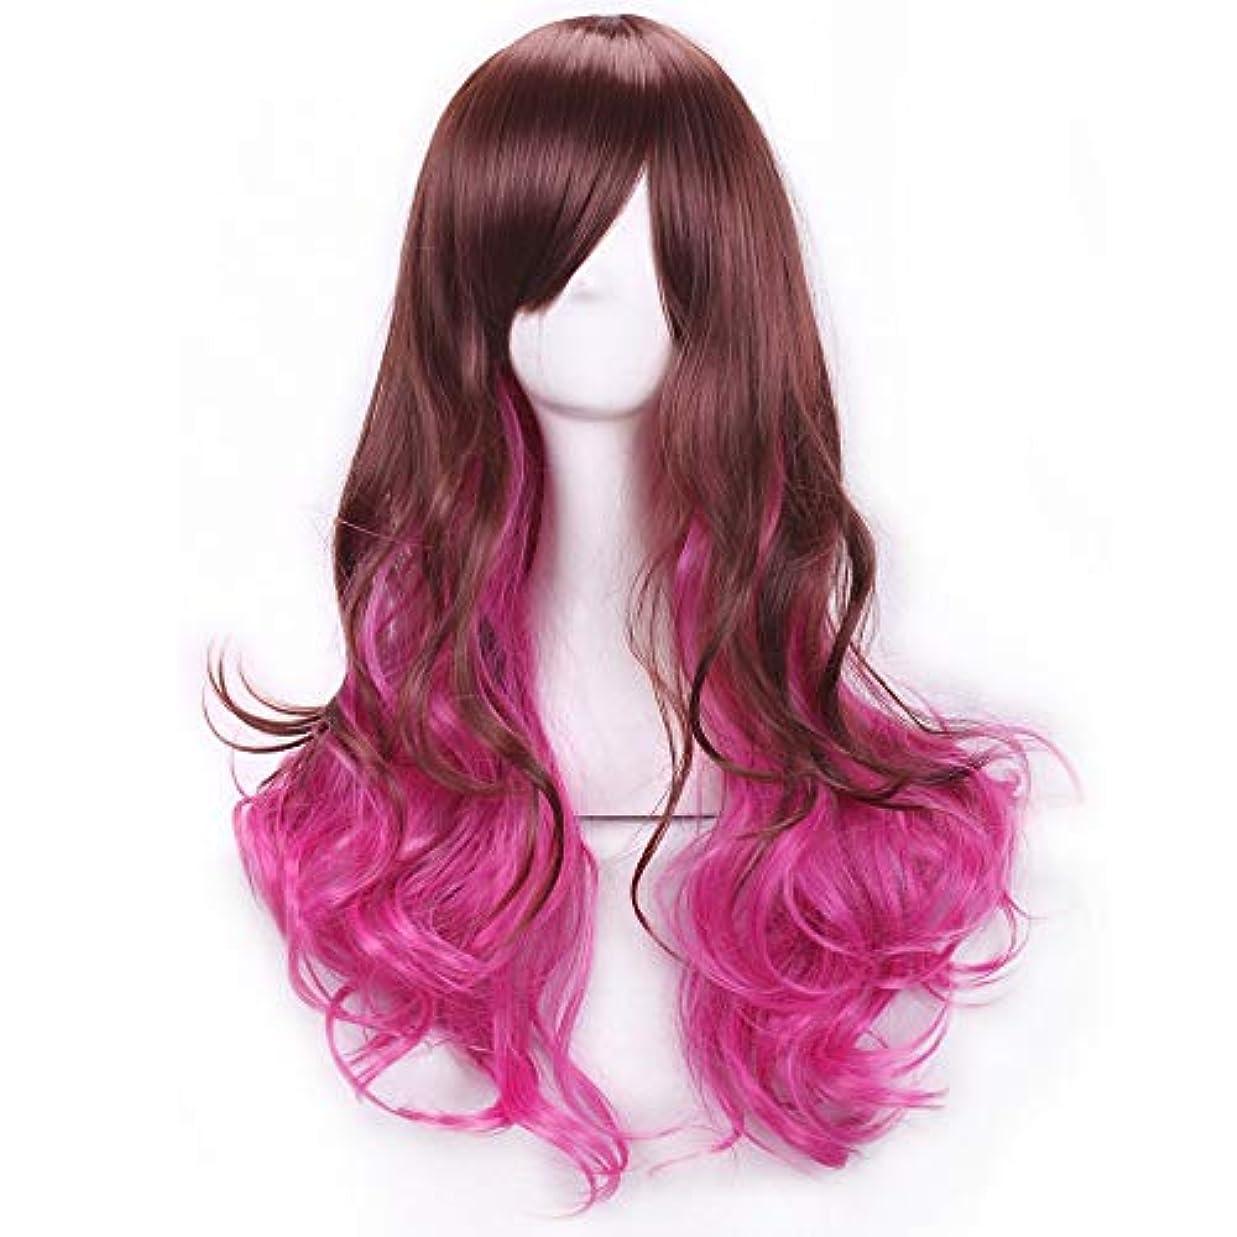 背が高いおなじみのホームレスかつらキャップでかつらファンシードレスカールかつら女性用高品質合成毛髪コスプレ高密度かつら女性&女の子用ブラウン、ピンク、パープル (Color : ピンク)